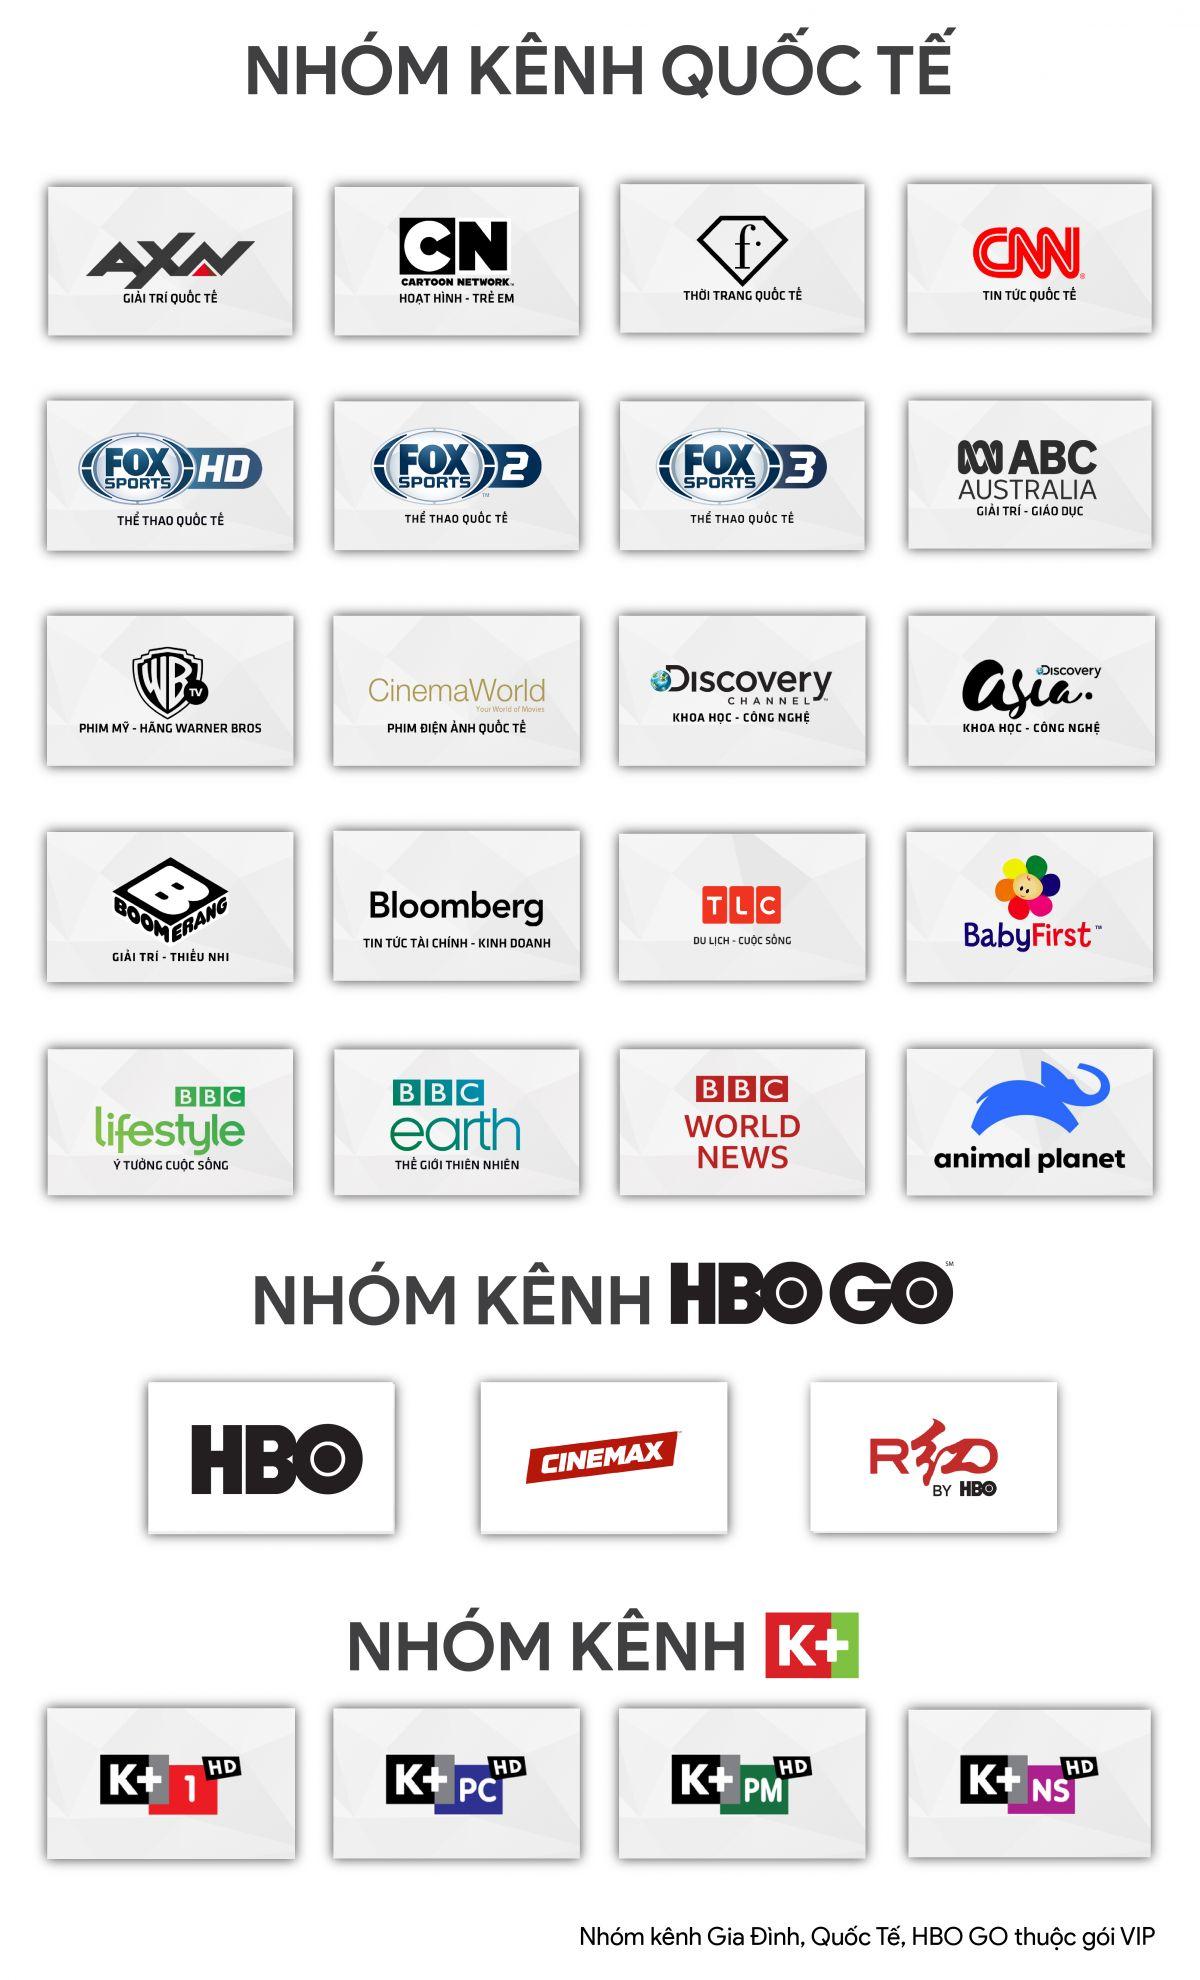 Danh sách kênh truyền hình cáp trên FPT Play BOX